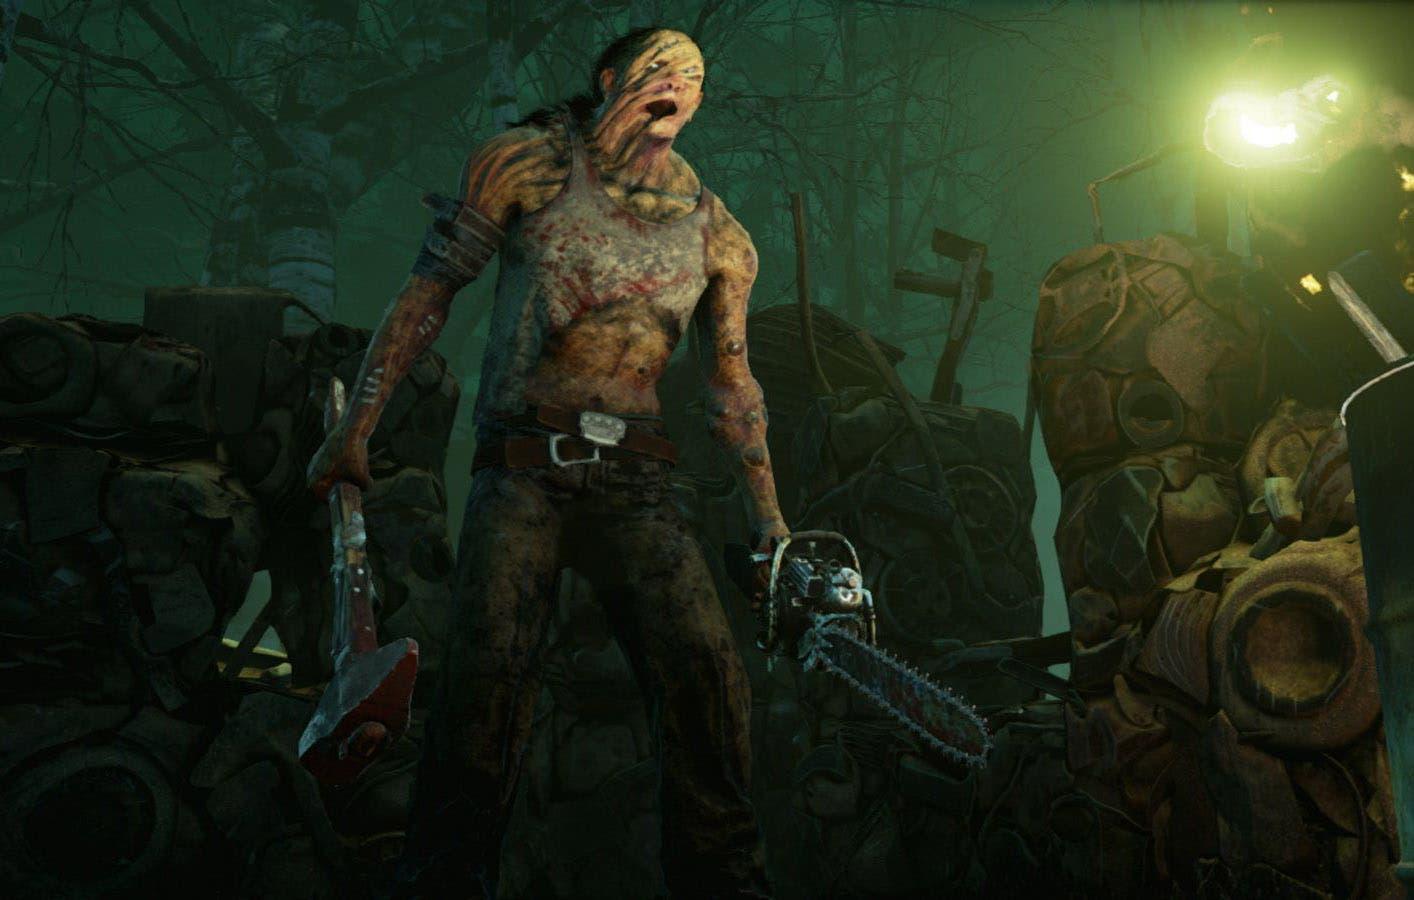 Dead by Daylight se prepara para nerfear a uno de sus asesinos más poderosos 12